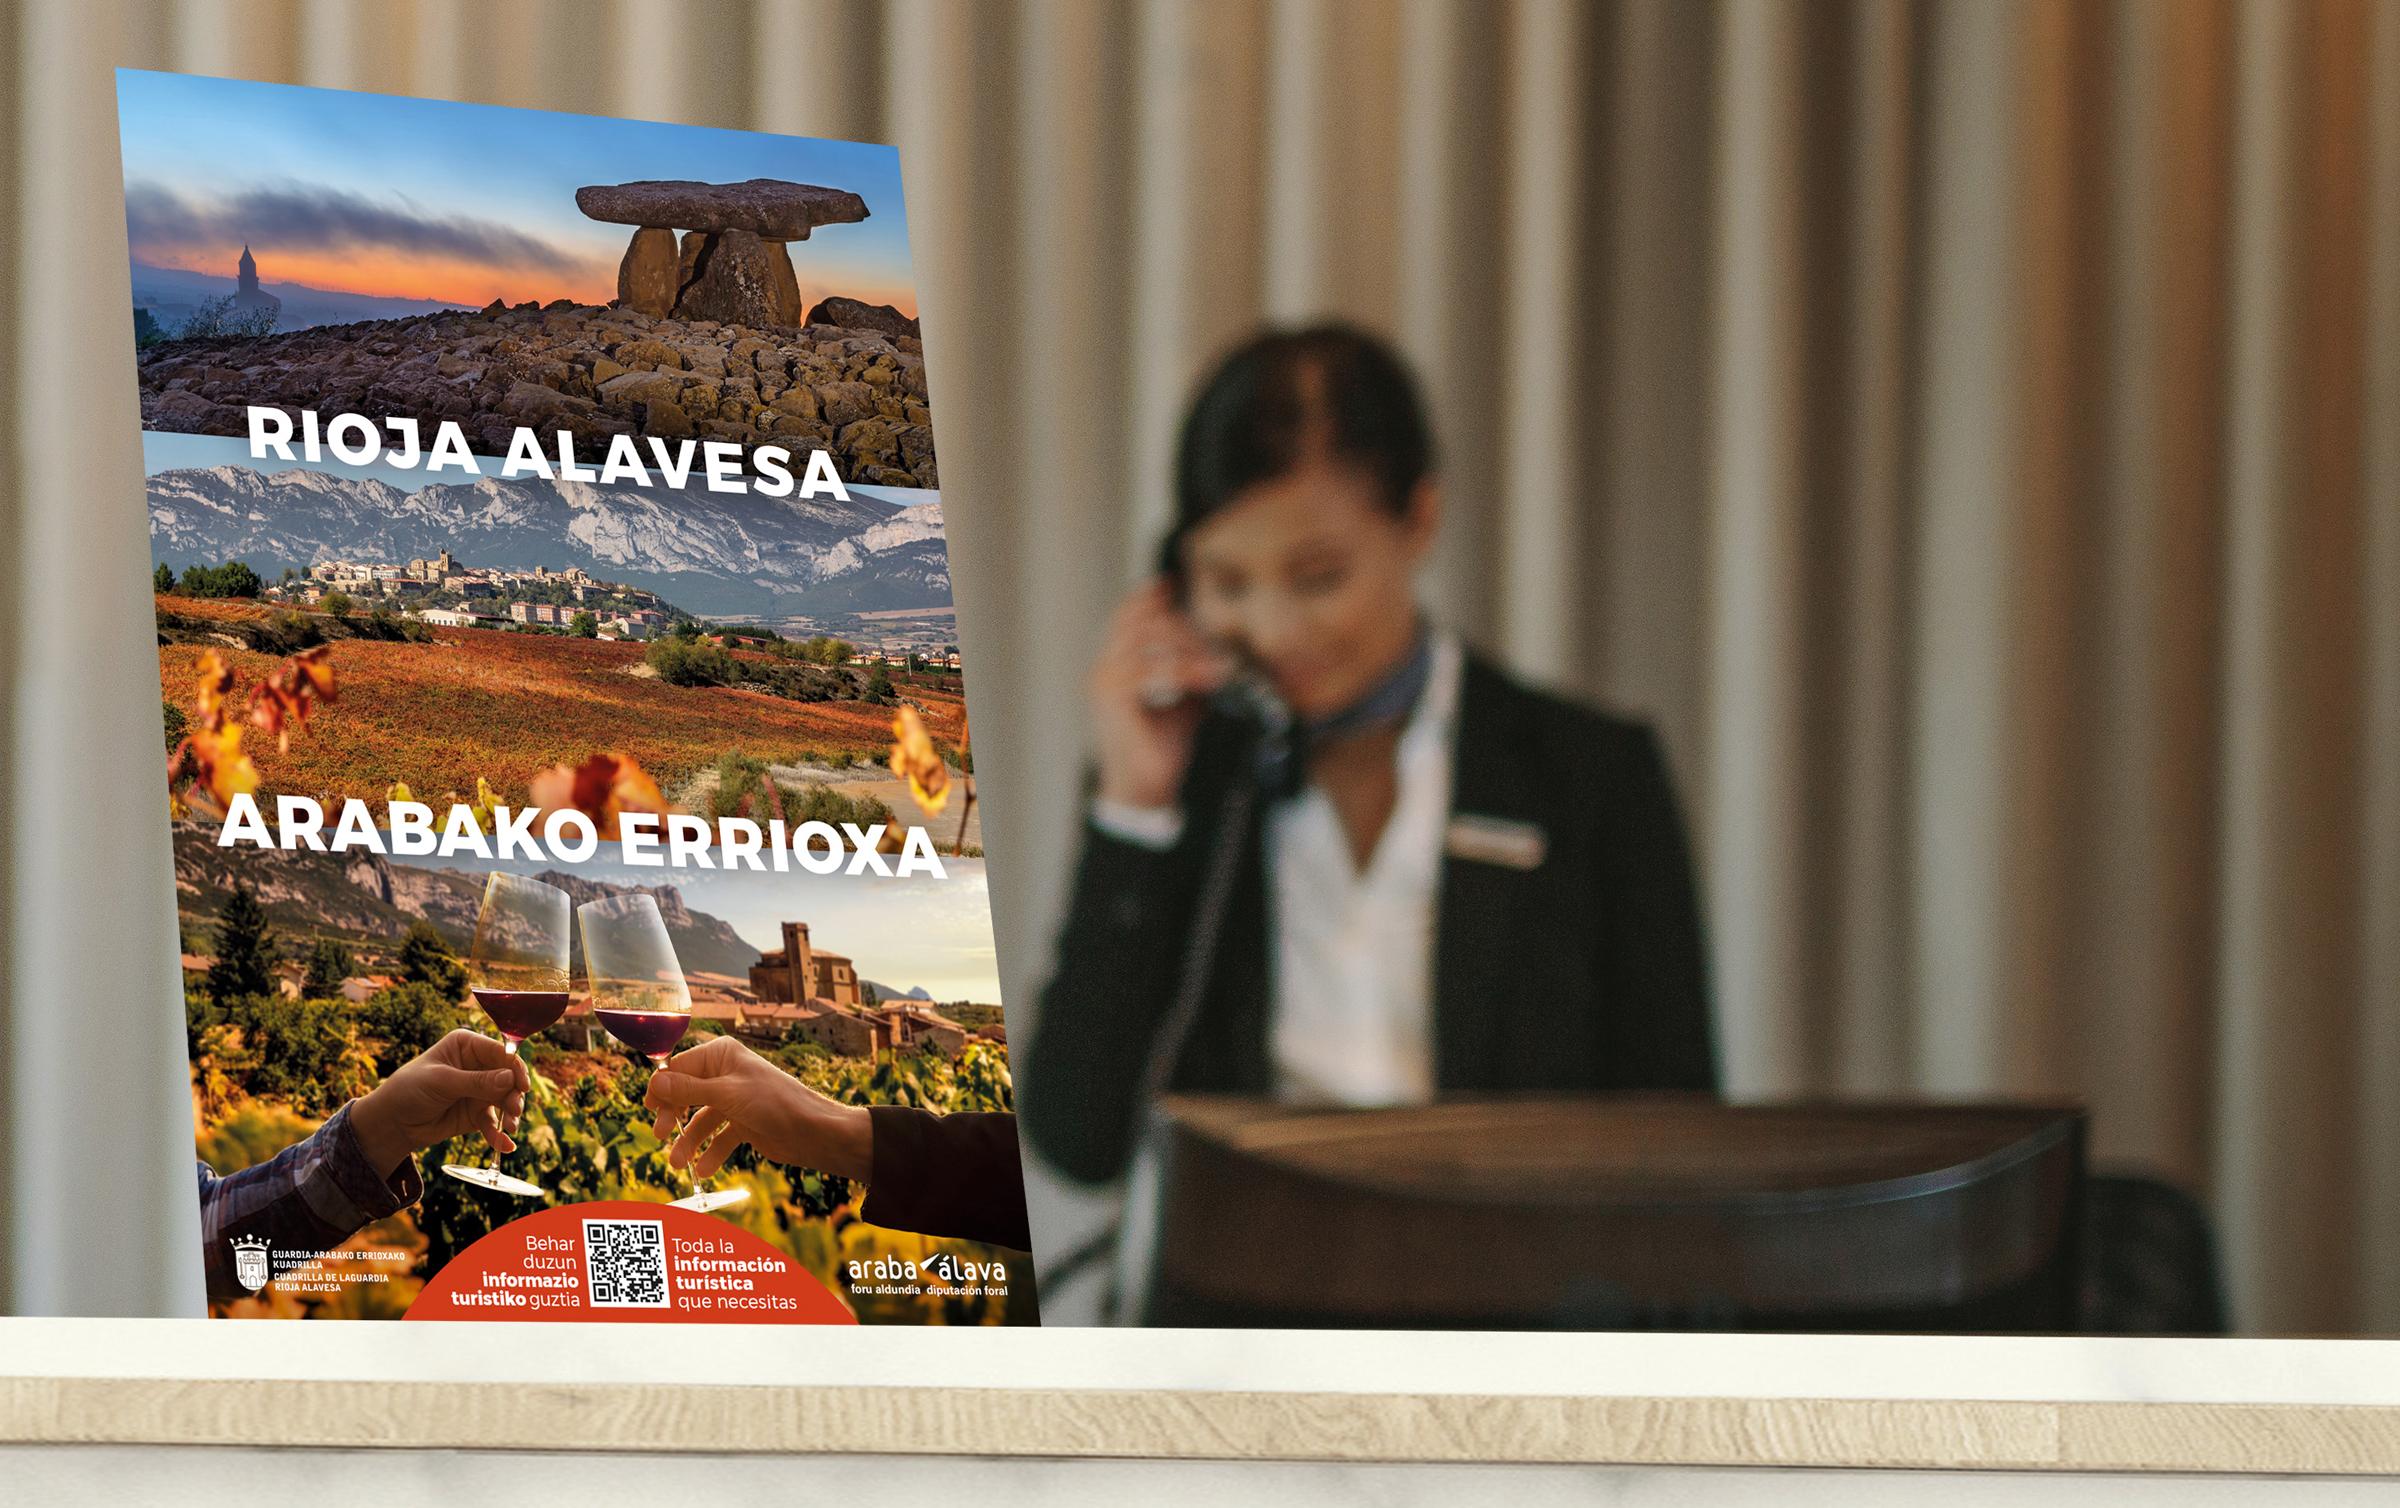 Guardia - Arabako Errioxako Kuadrilla – Turismoaren sustapenerako kanpaina – Turisten harrera